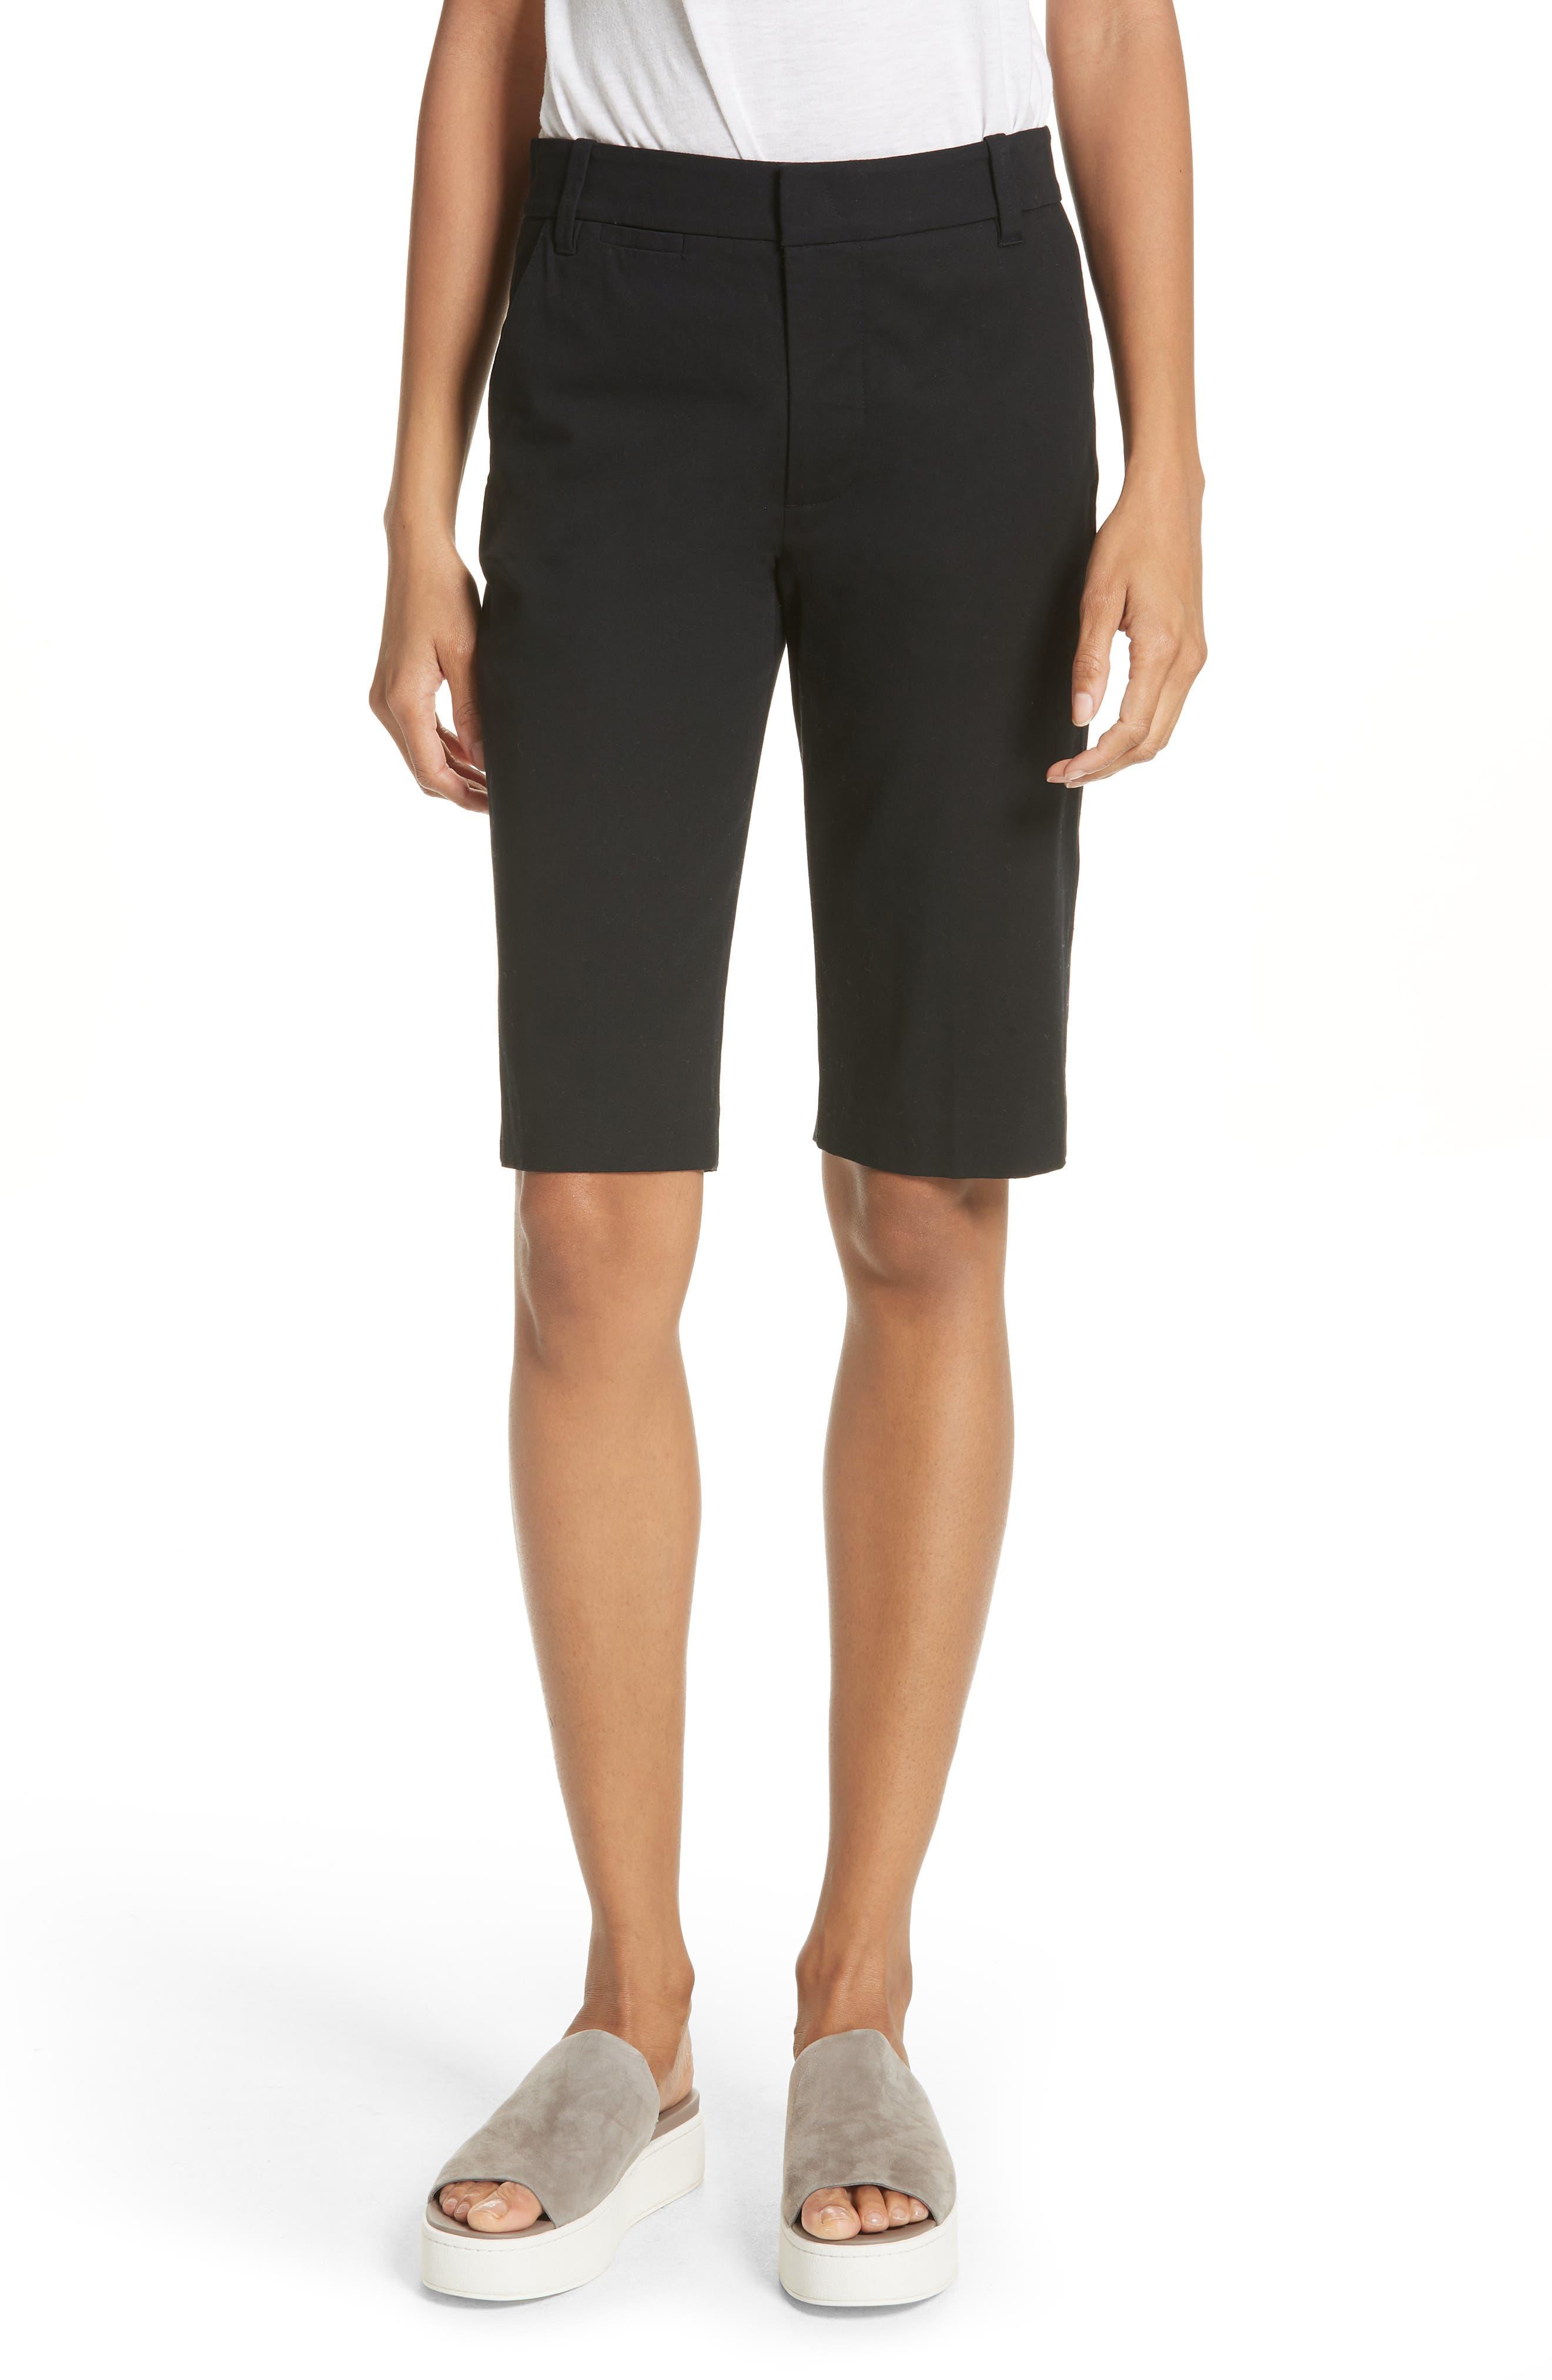 Bermuda Shorts,                             Main thumbnail 1, color,                             Black